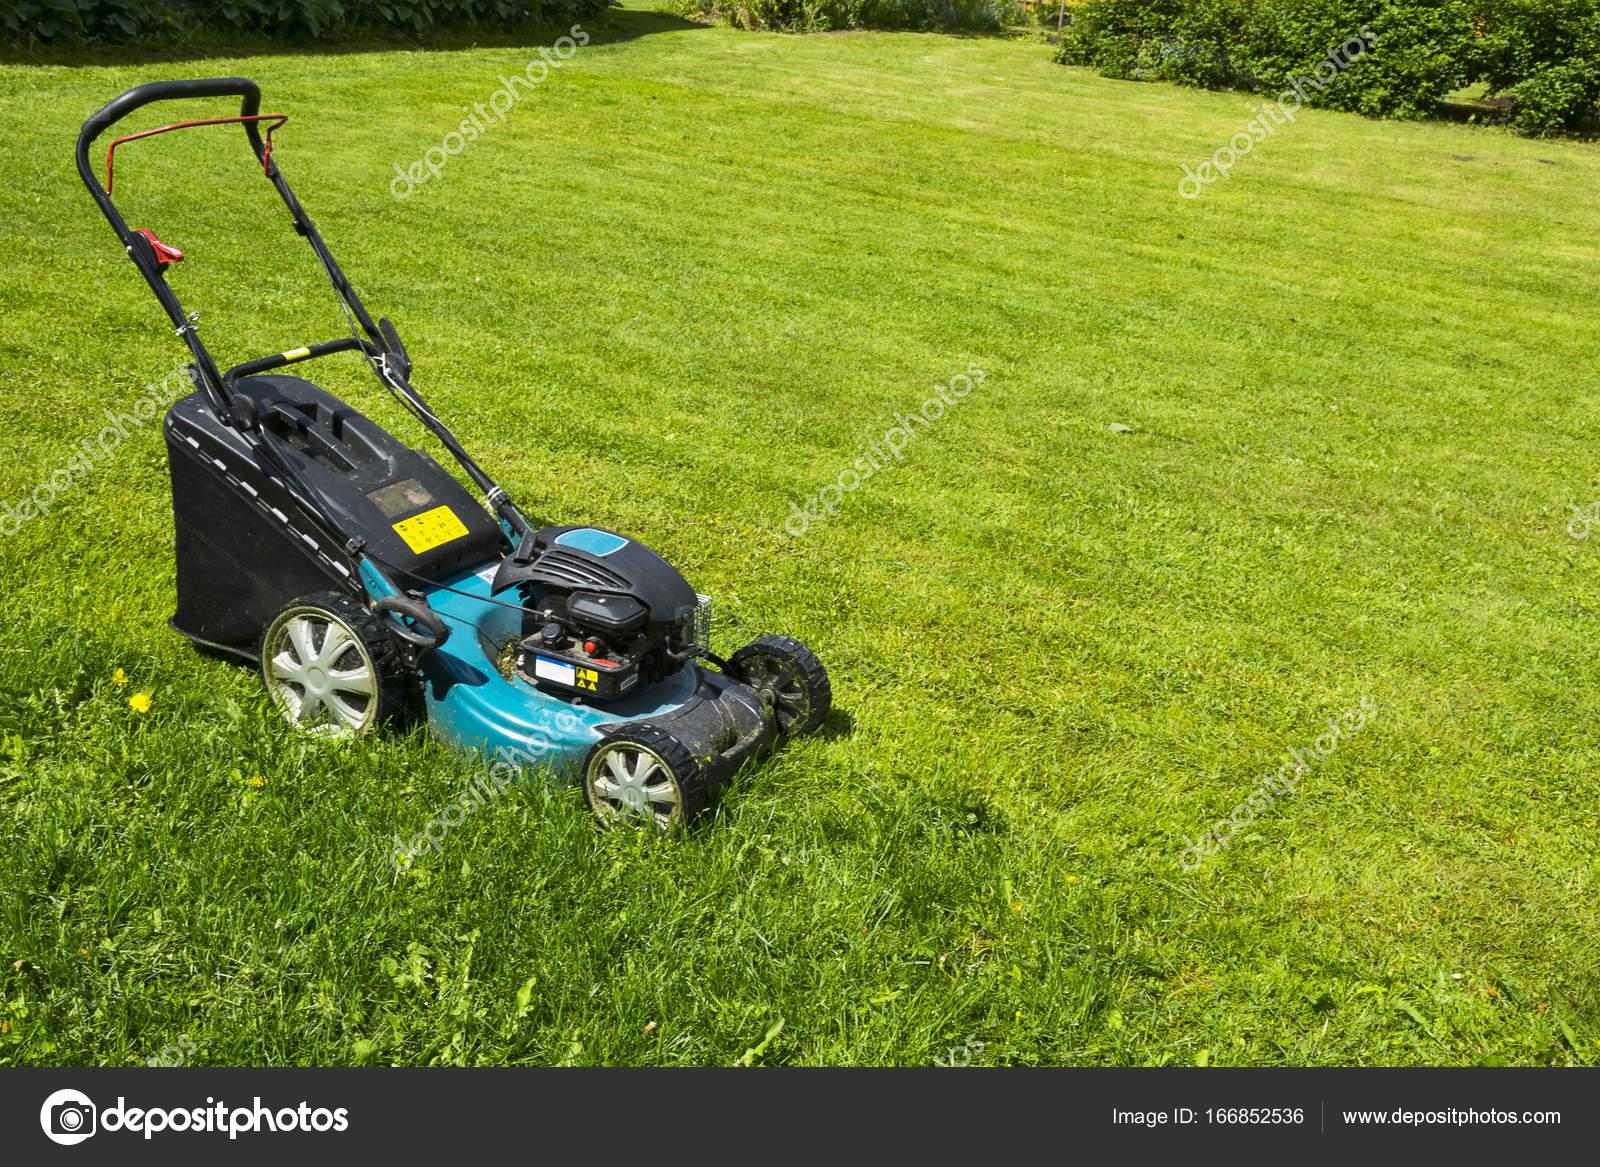 Mahen Von Rasen Rasenmaher Auf Grunen Rasenmaher Rasen Mahen Gartner